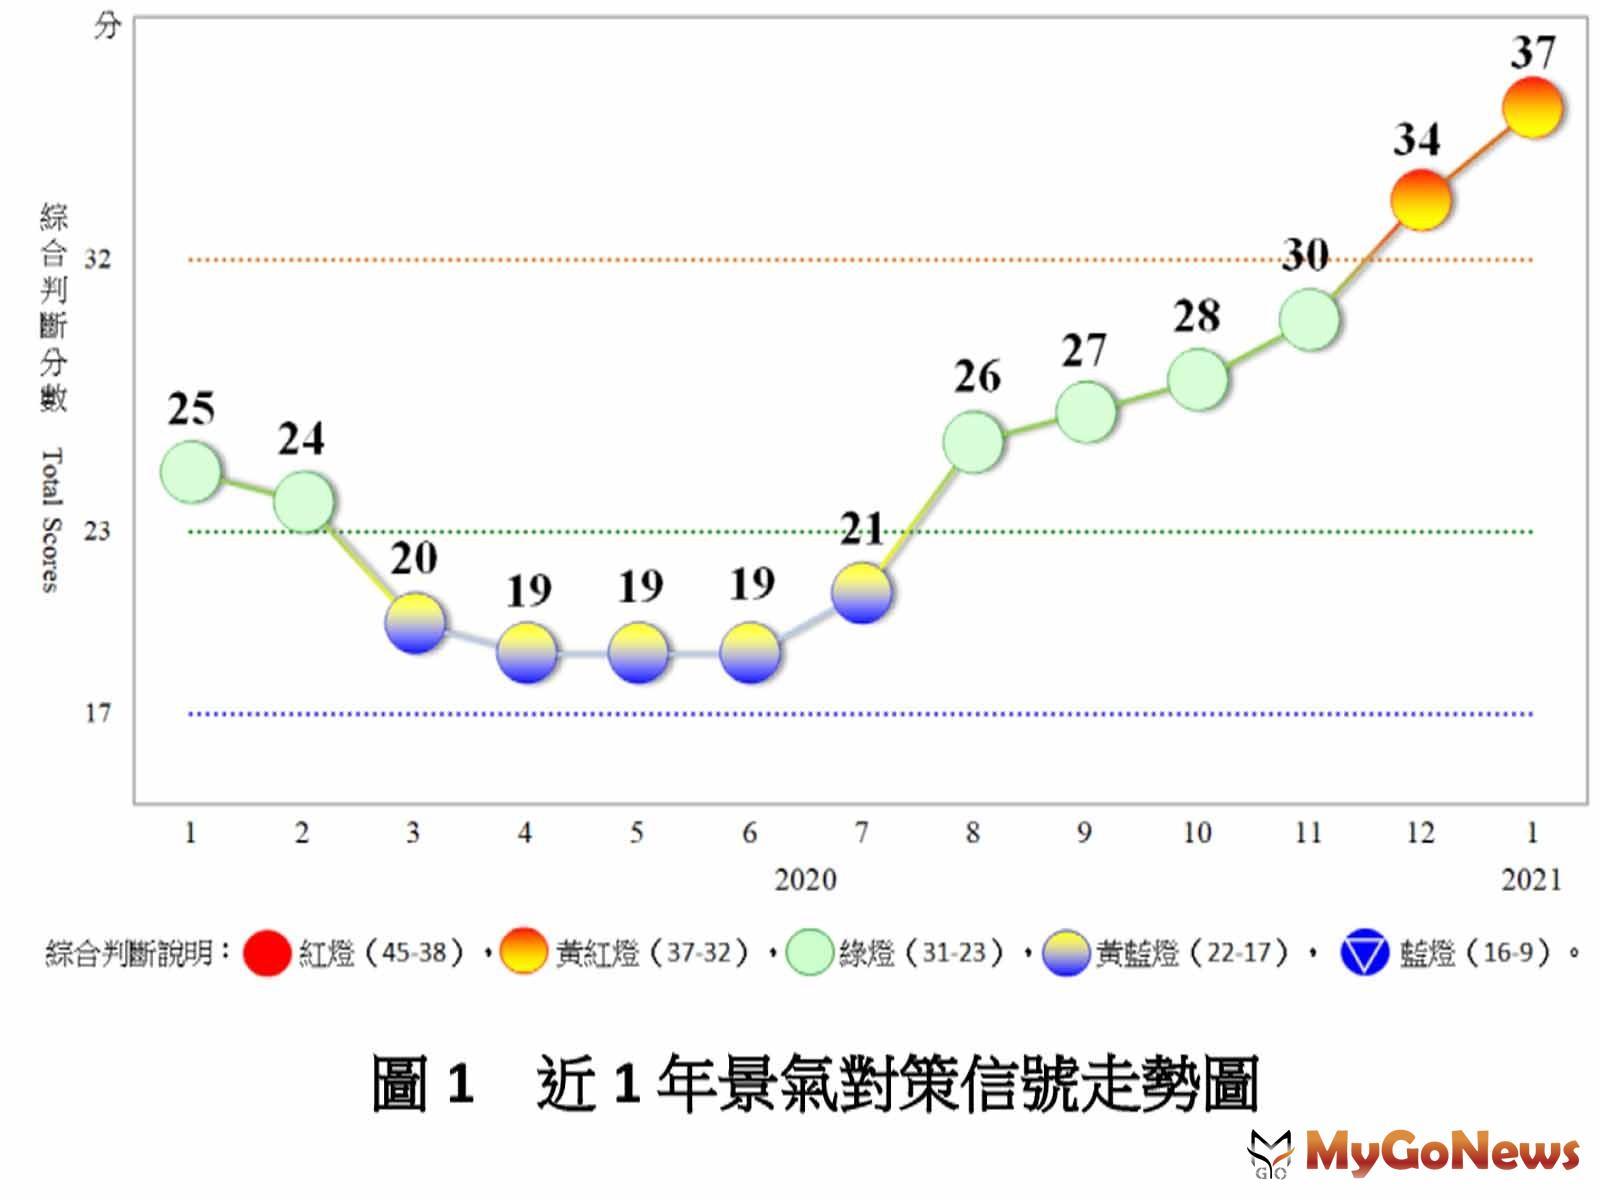 2021年1月份景氣燈號續呈黃紅燈「經濟增溫」 MyGoNews房地產新聞 趨勢報導